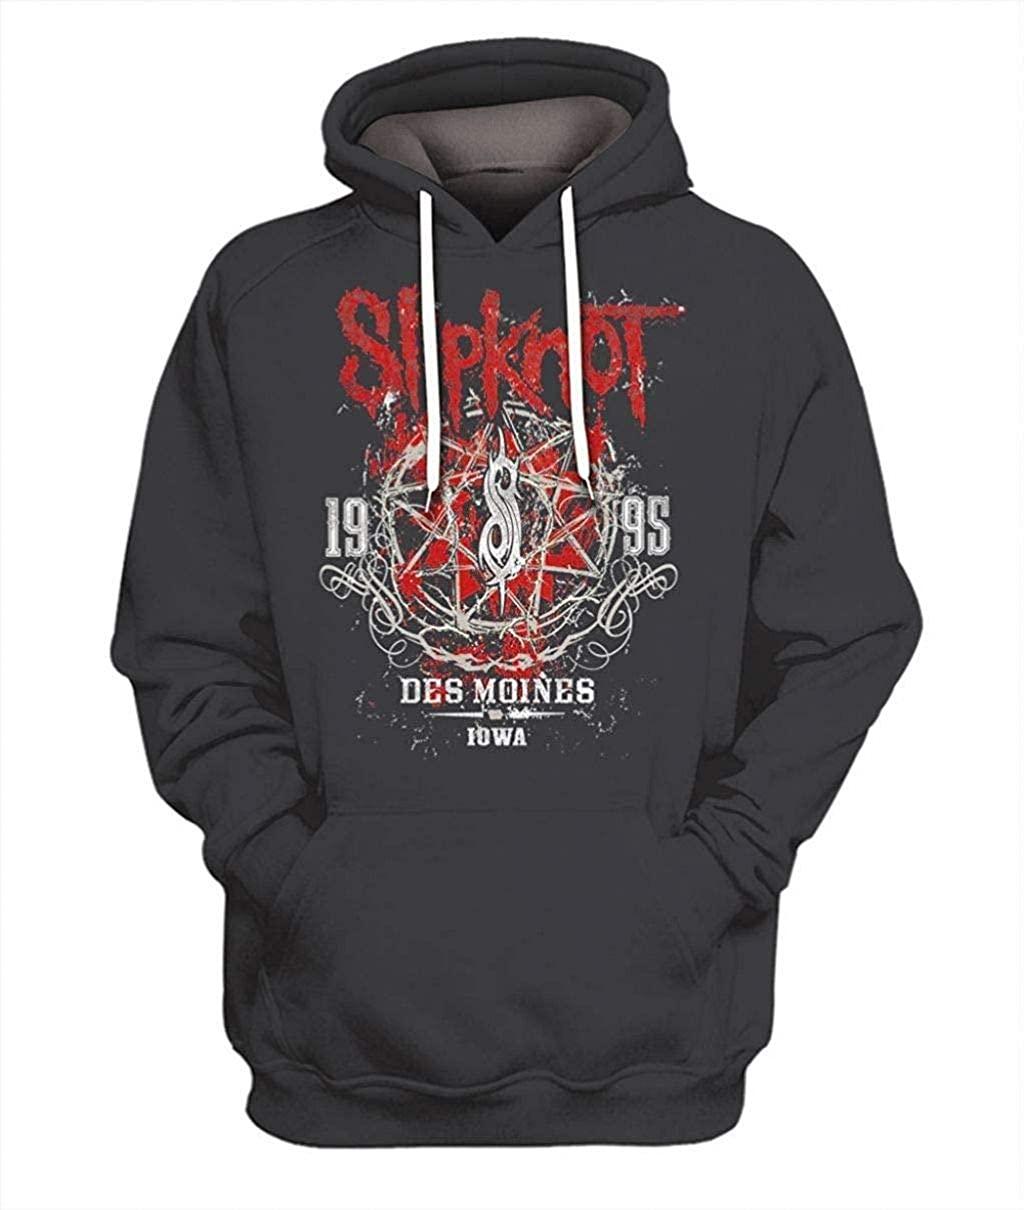 Bloodhoof-Hoodie Heavy Metal Hard Rock Music Punk Tour